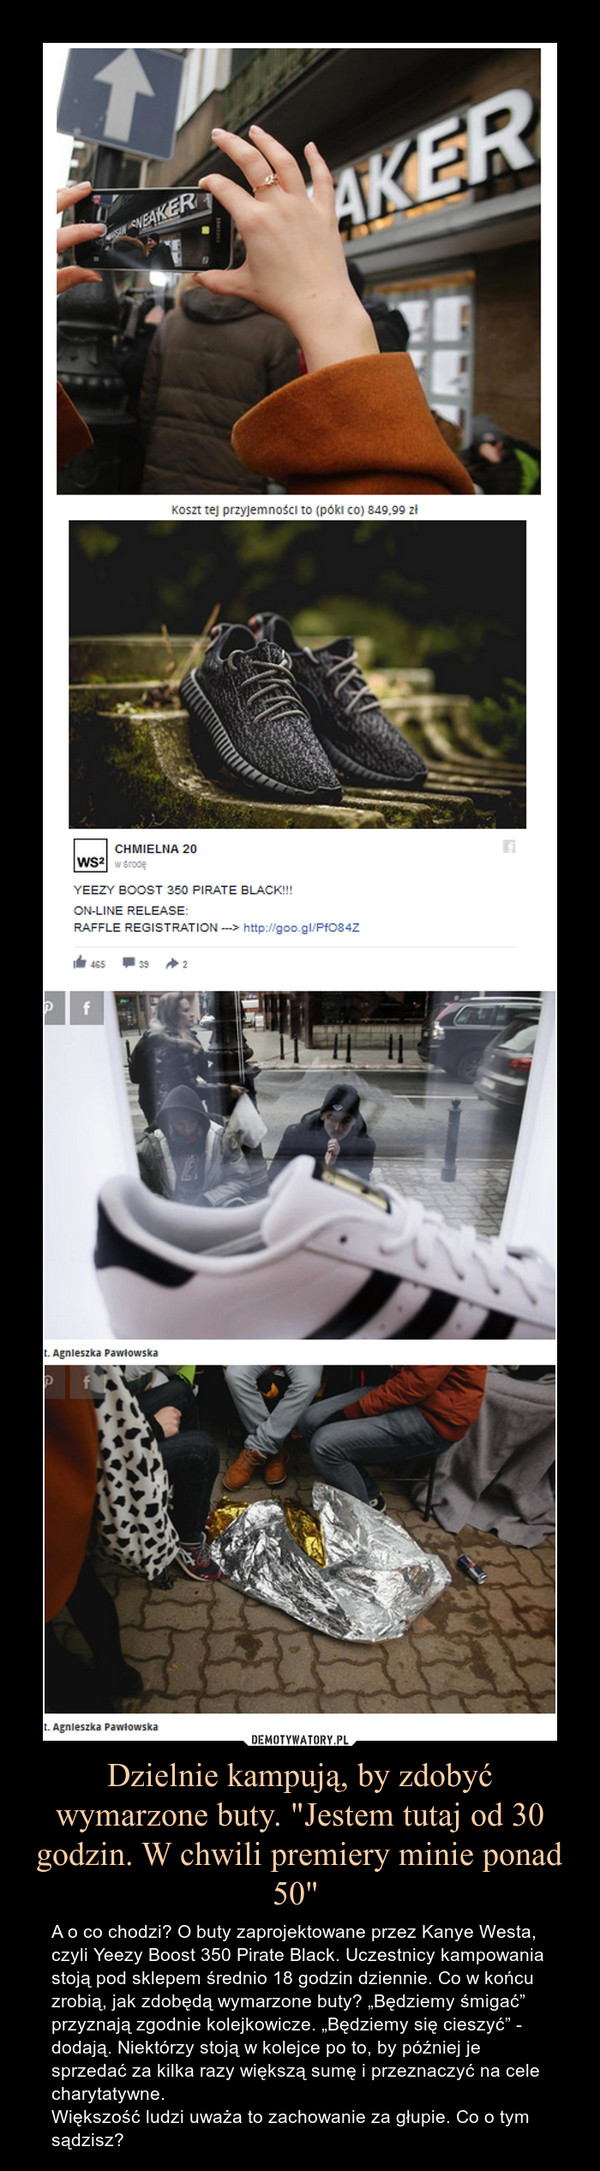 """Dzielnie kampują, by zdobyć wymarzone buty. """"Jestem tutaj od 30 godzin. W chwili premiery minie ponad 50""""  – A o co chodzi? O buty zaprojektowane przez Kanye Westa, czyli Yeezy Boost 350 Pirate Black. Uczestnicy kampowania stoją pod sklepem średnio 18 godzin dziennie. Co w końcu zrobią, jak zdobędą wymarzone buty? """"Będziemy śmigać"""" przyznają zgodnie kolejkowicze. """"Będziemy się cieszyć"""" - dodają. Niektórzy stoją w kolejce po to, by później je sprzedać za kilka razy większą sumę i przeznaczyć na cele charytatywne.Większość ludzi uważa to zachowanie za głupie. Co o tym sądzisz?"""